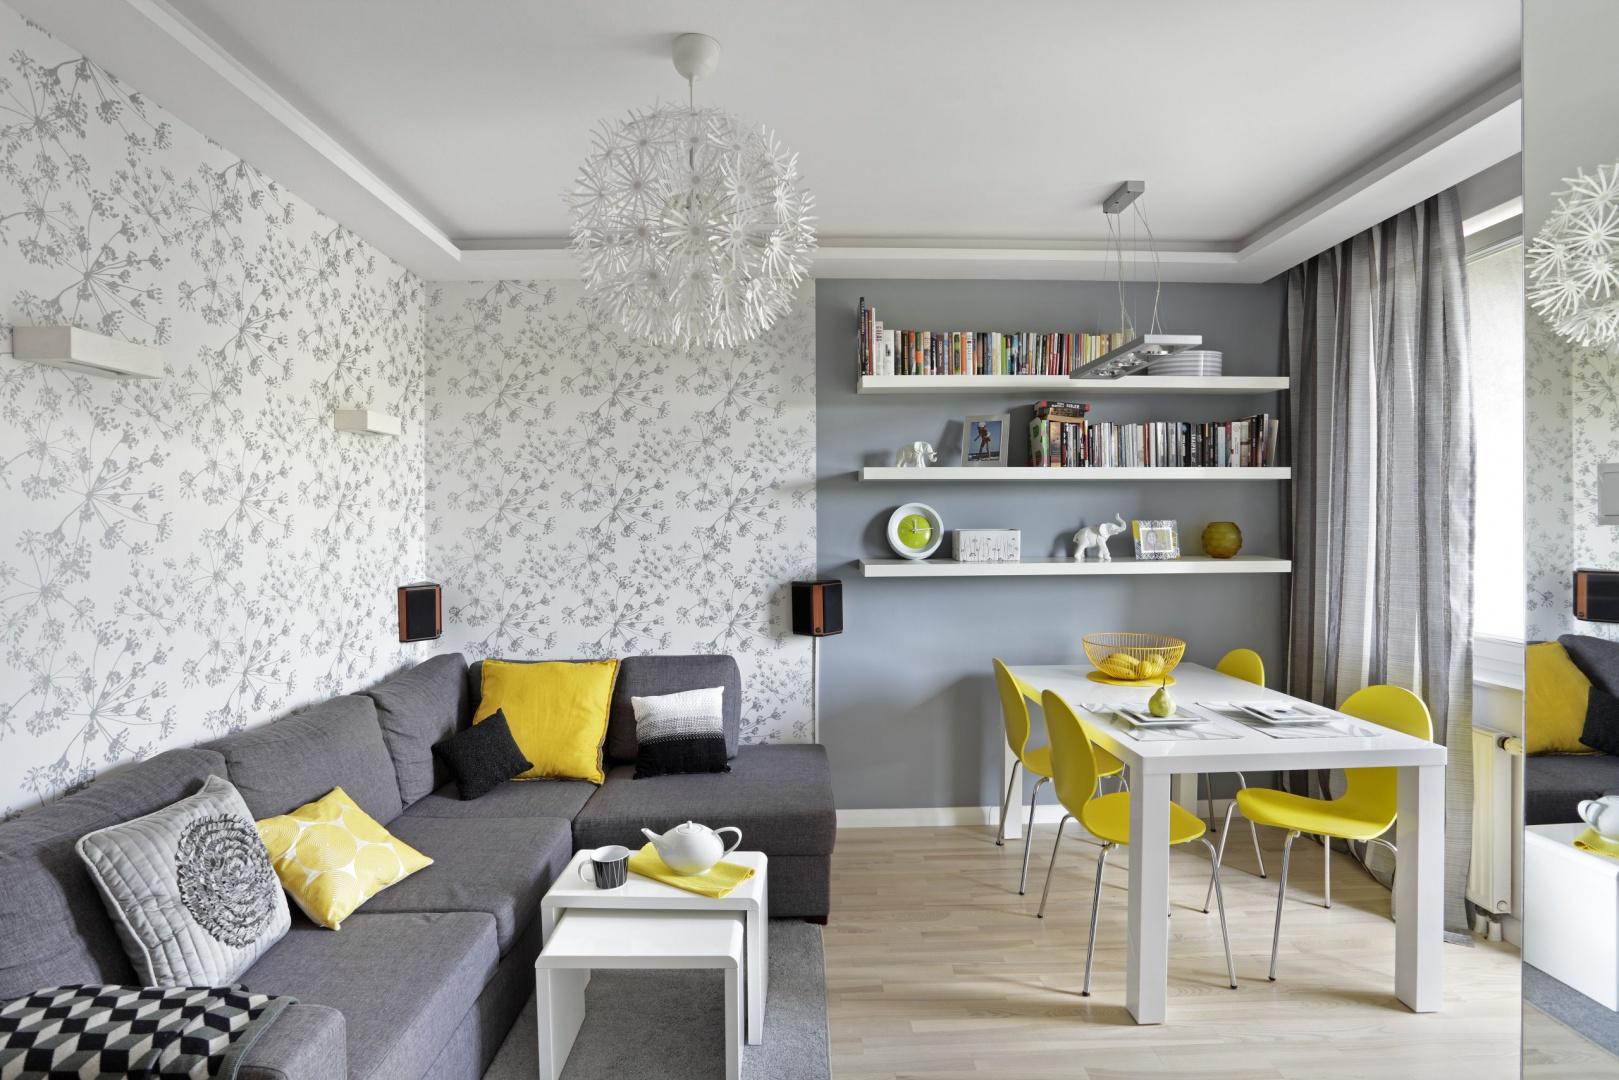 W niewielkim salonie zadbano nie tylko o  miejsce do wypoczynku, ale i celebrowania wspólnych posiłków przy stole. Projekt: Ewa Para. Fot. Bernard Białorucki